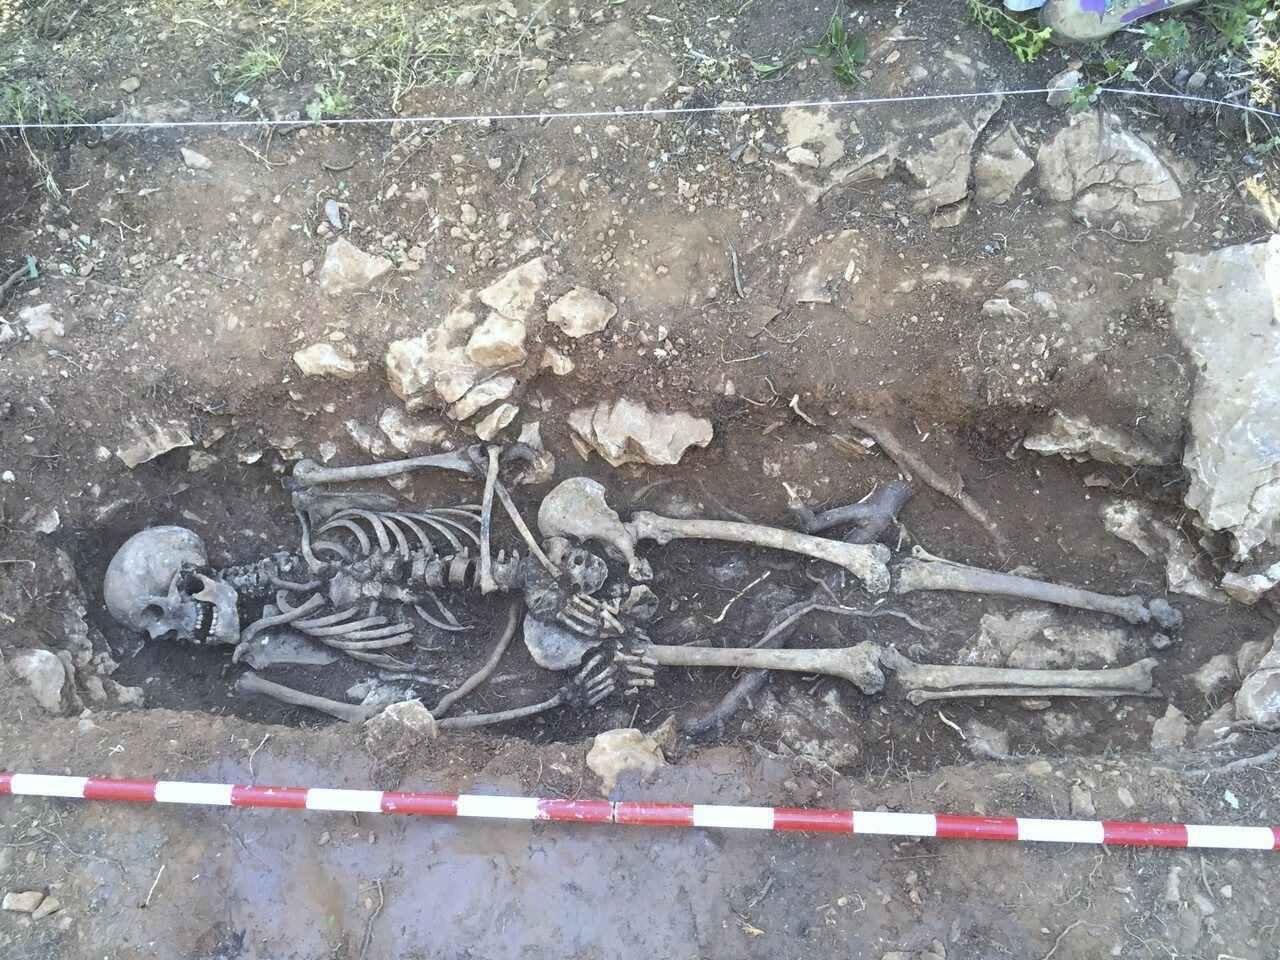 Reportatge sobre l'obetura de fosses de la Guerra Civil al Penedès...